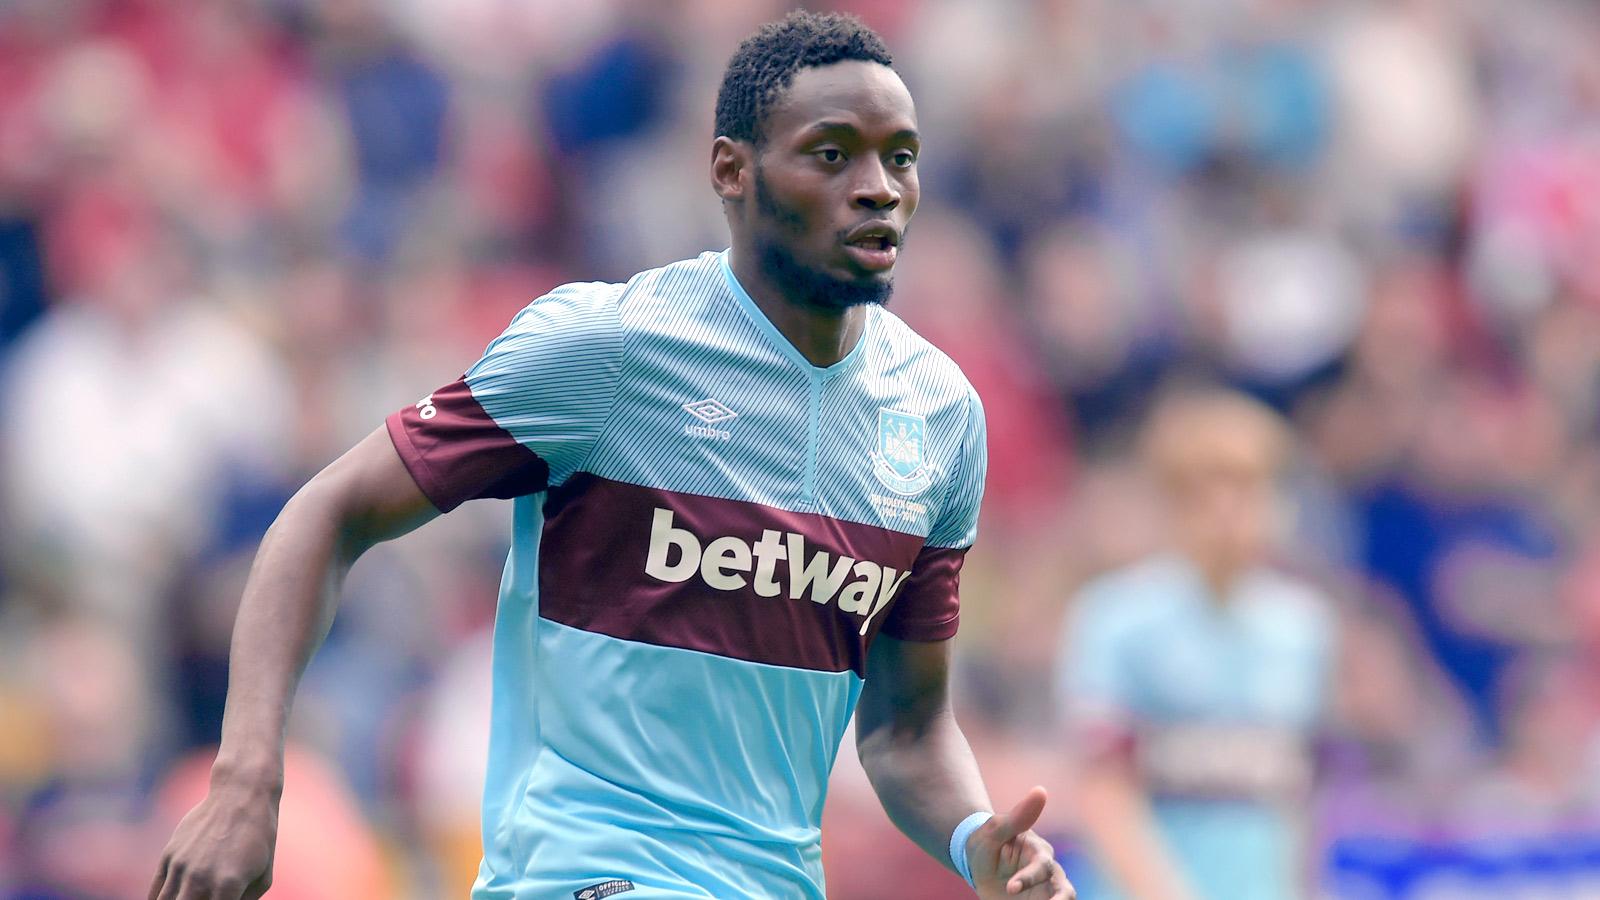 Forward Sakho remains with West Ham squad despite recent arrest